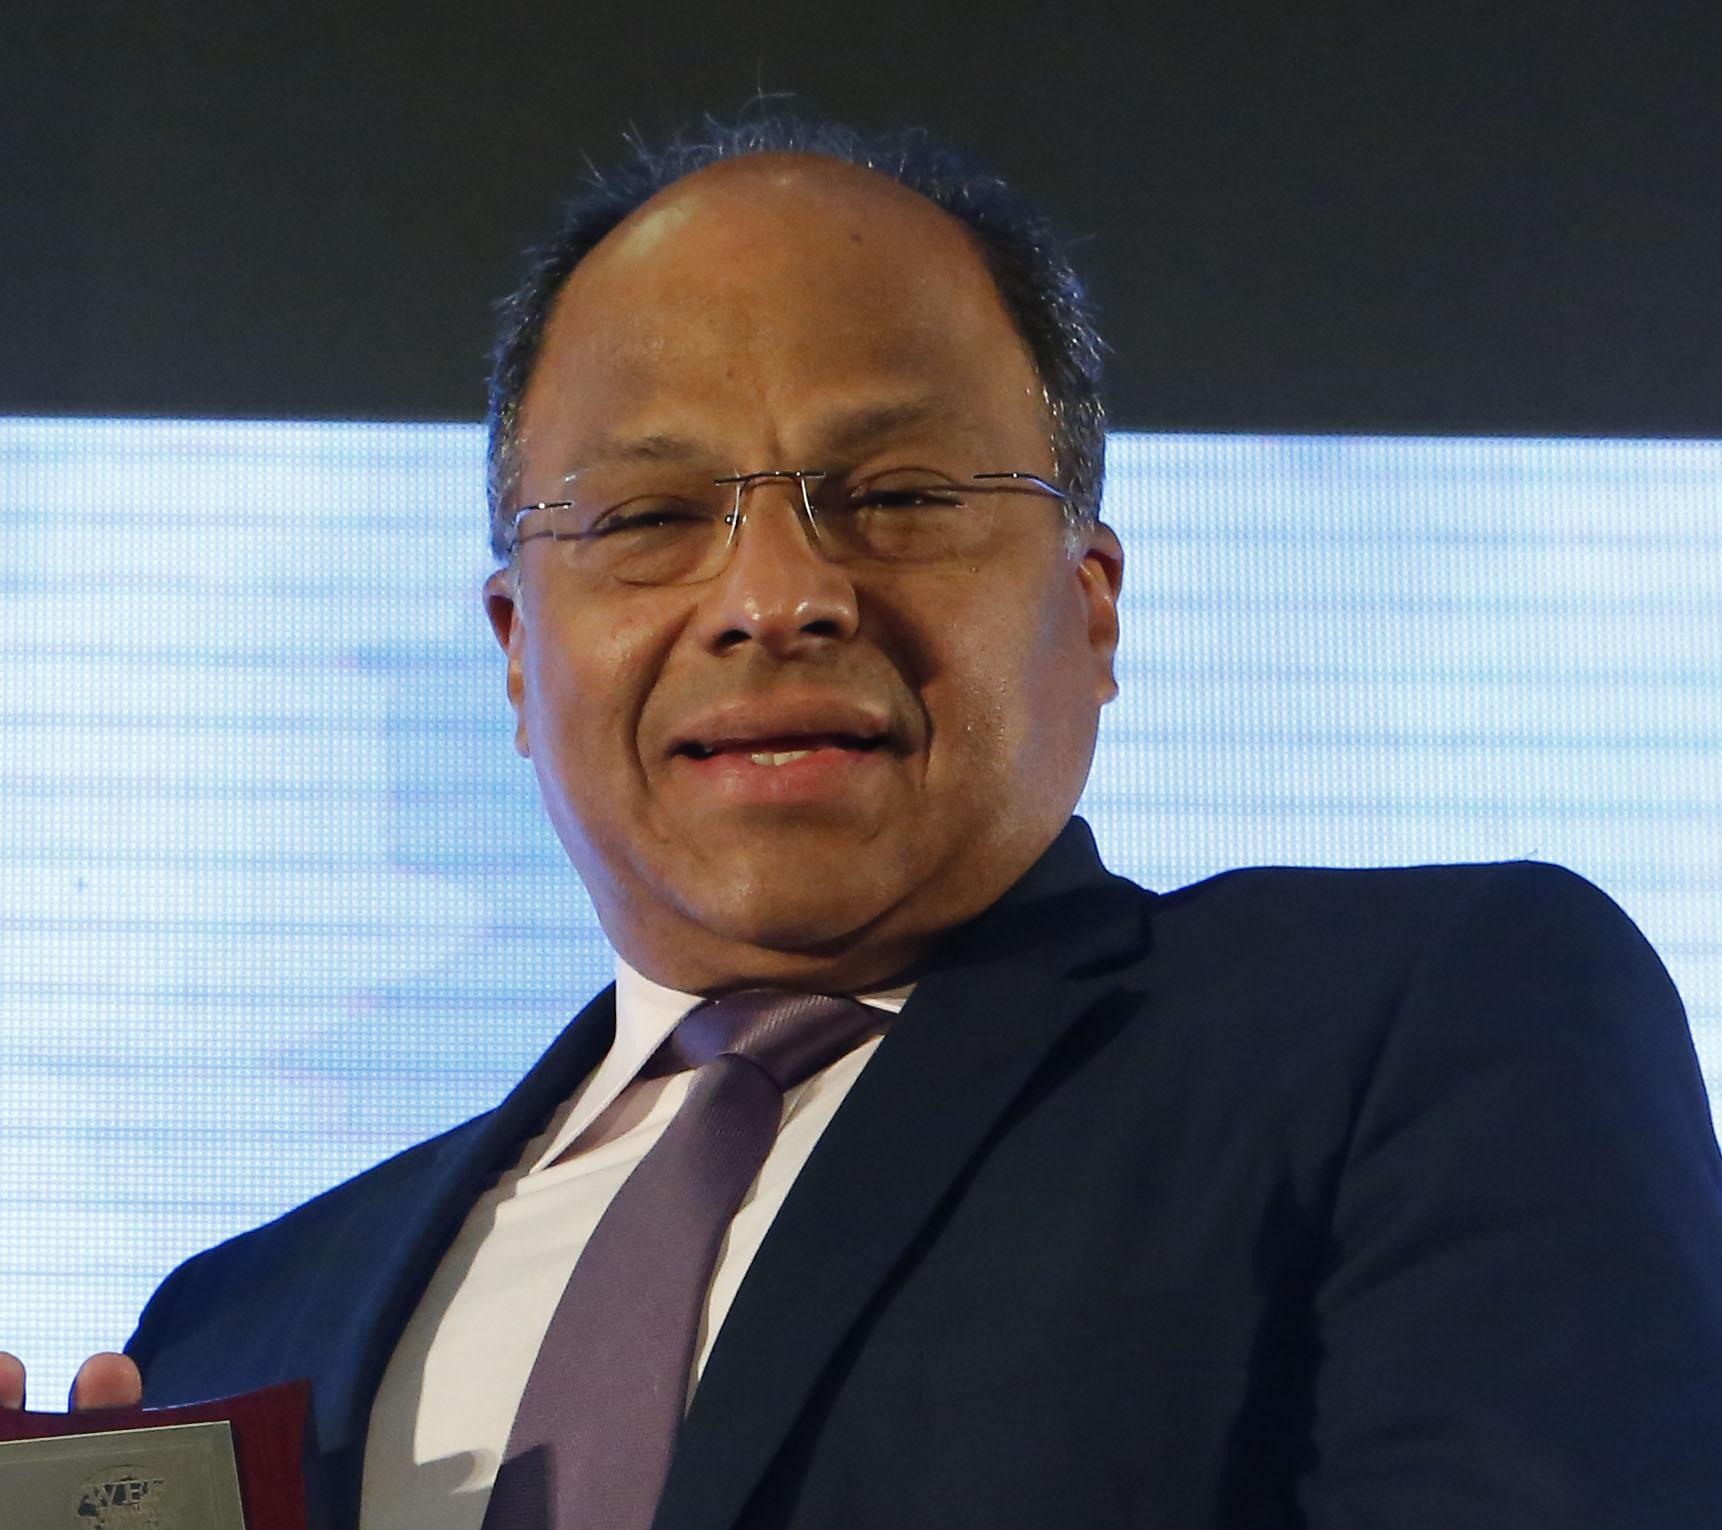 H.E. Augusto Montiel